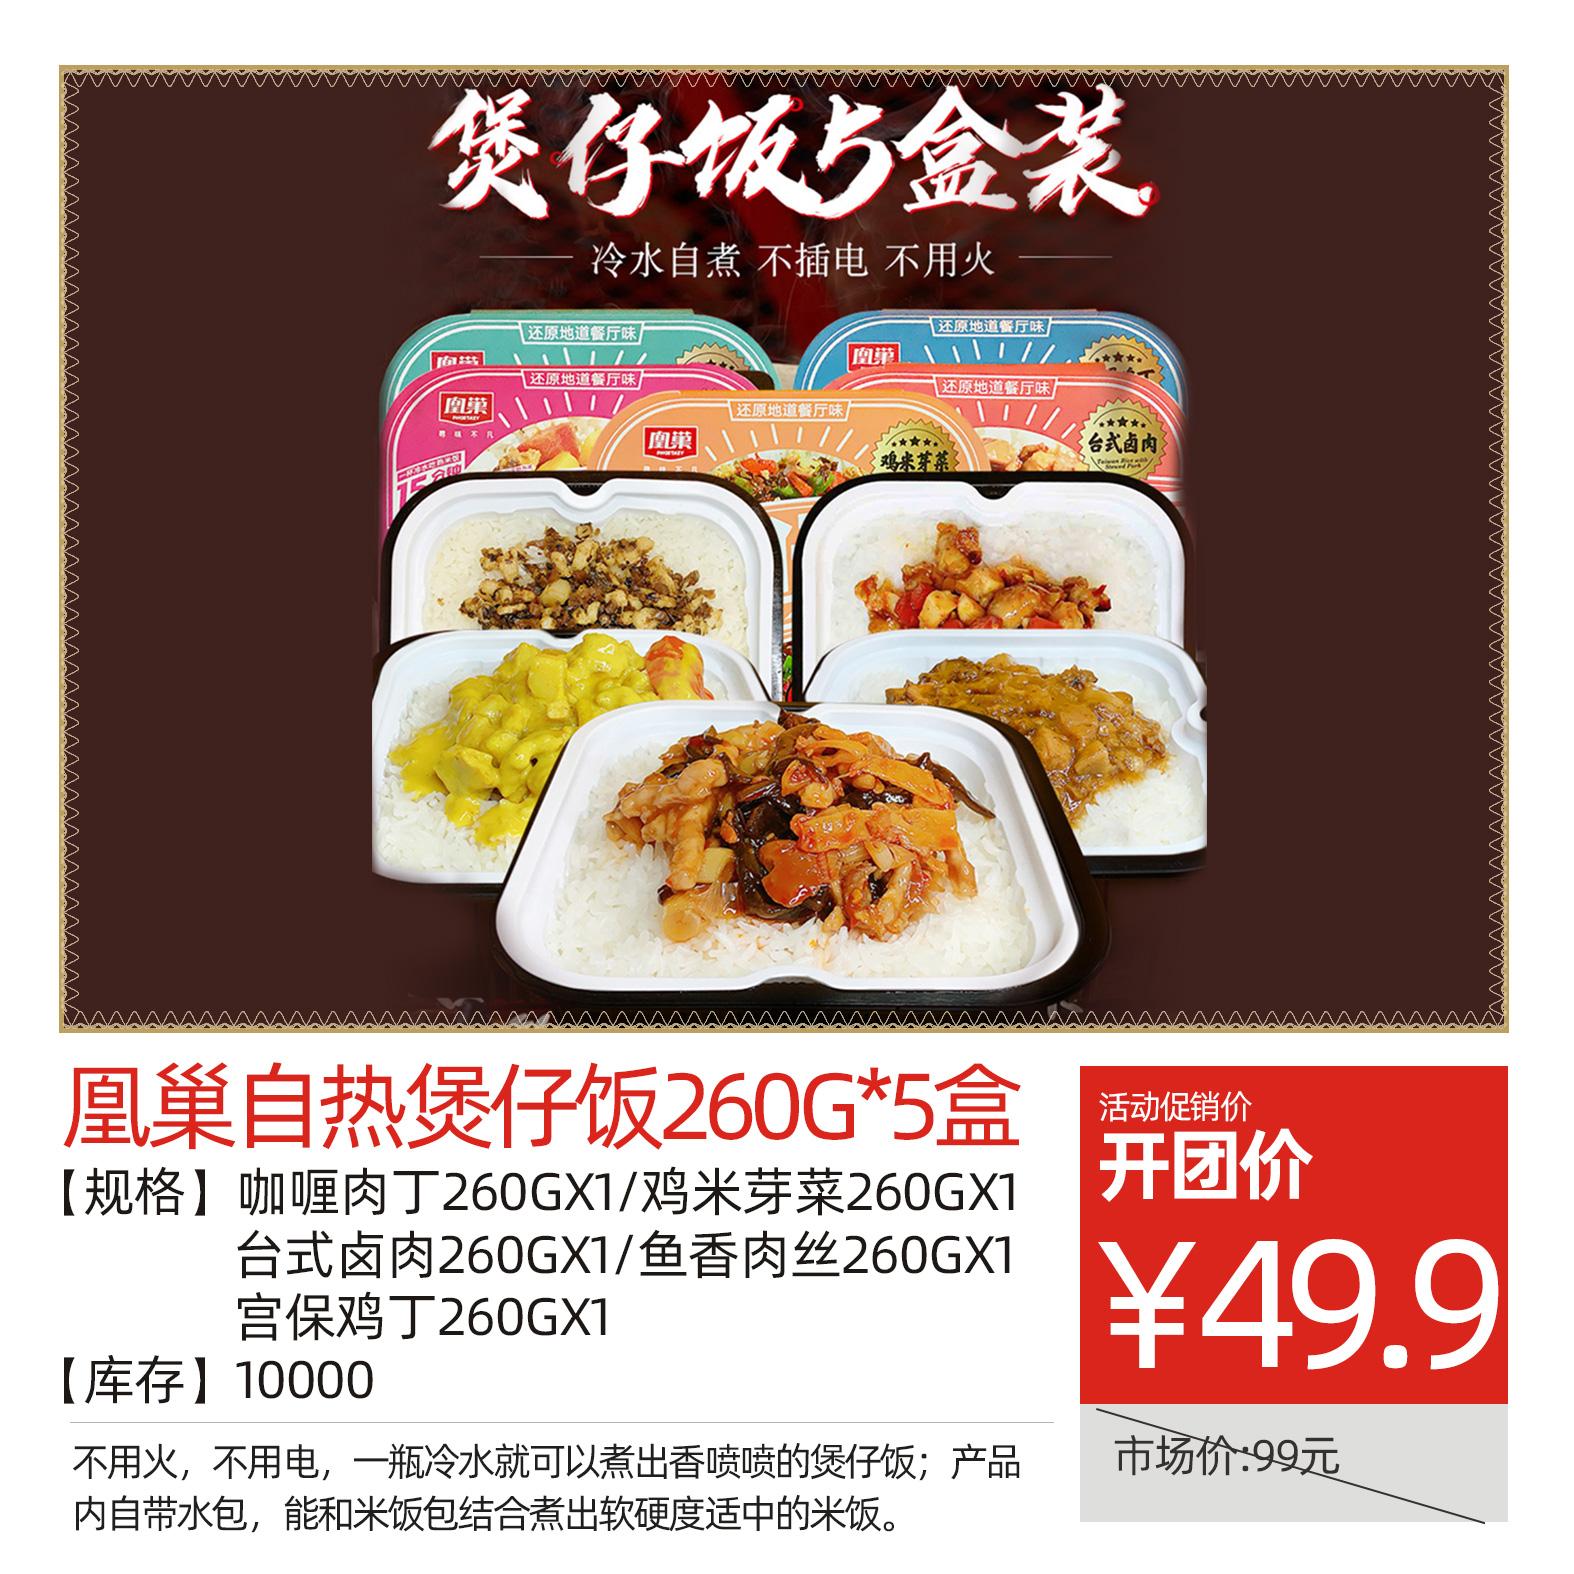 凰巢自热煲仔饭260g*5盒